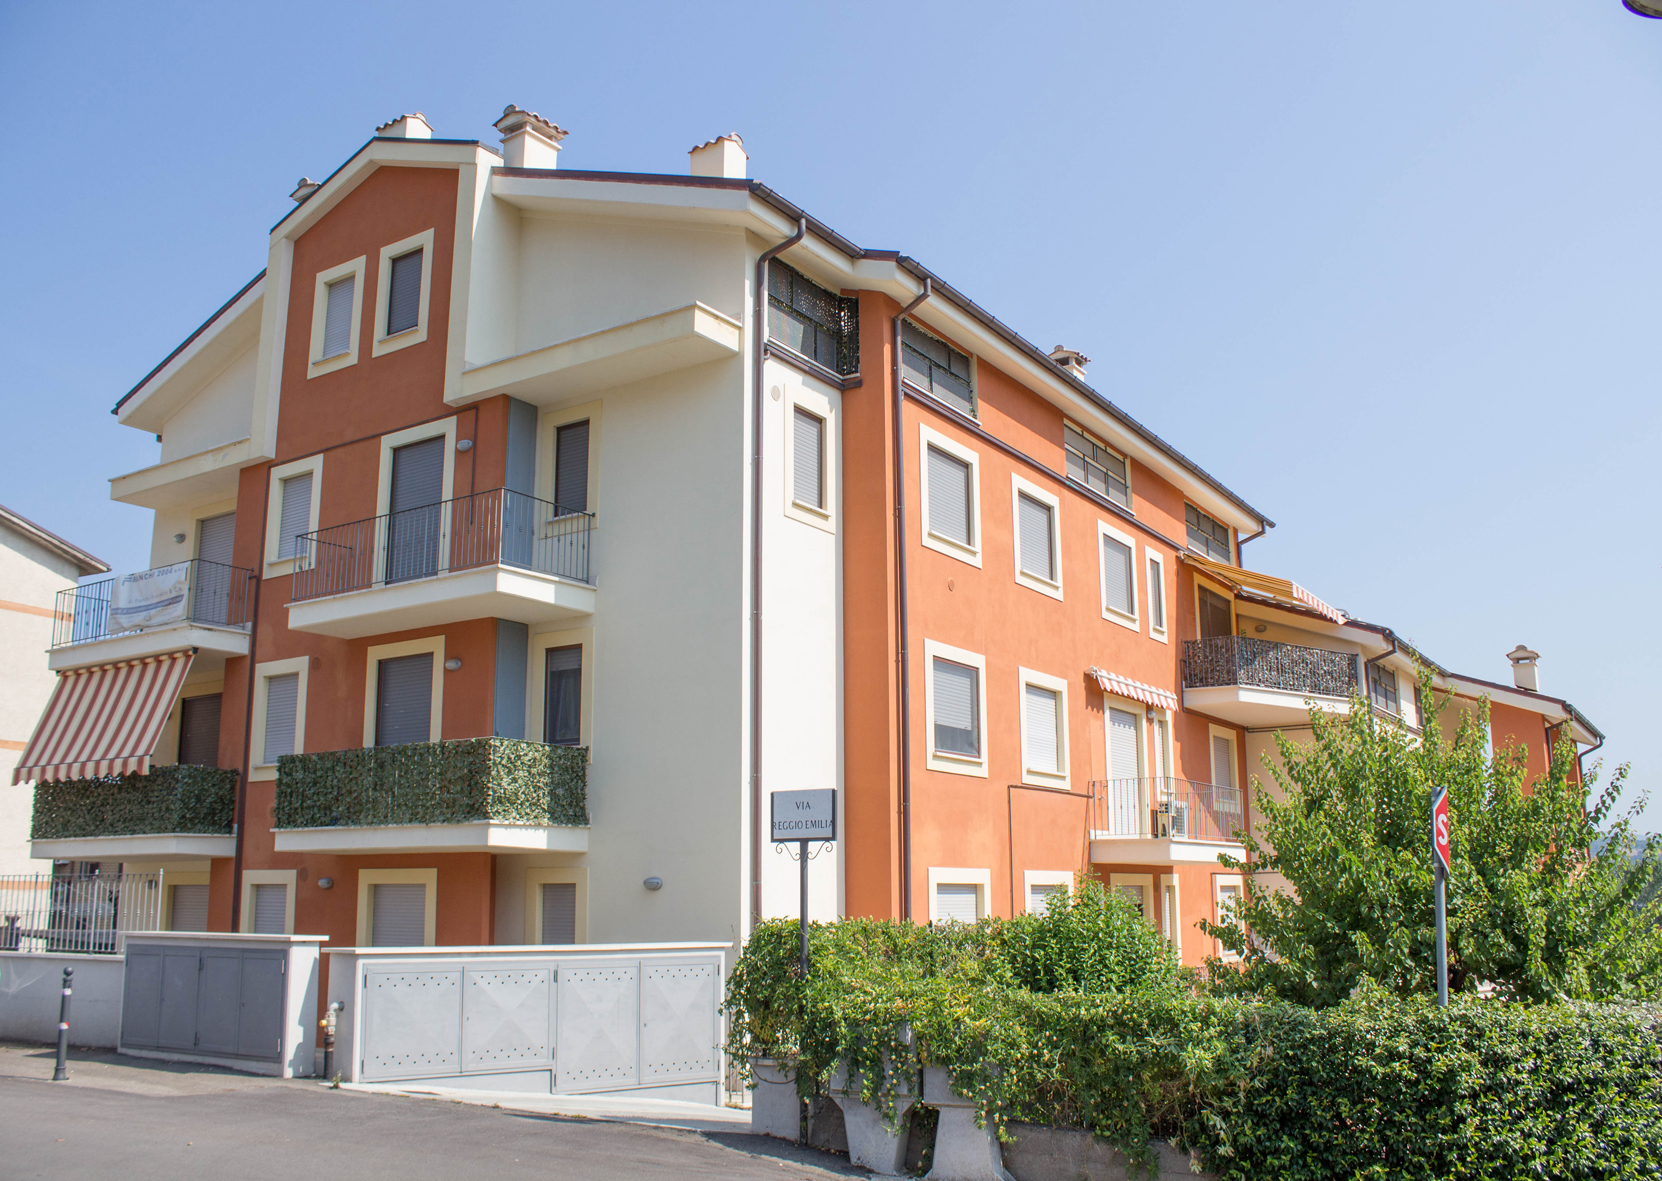 Appartamento in vendita a Orte, 2 locali, zona Località: OrteScalo, prezzo € 105.000 | Cambio Casa.it